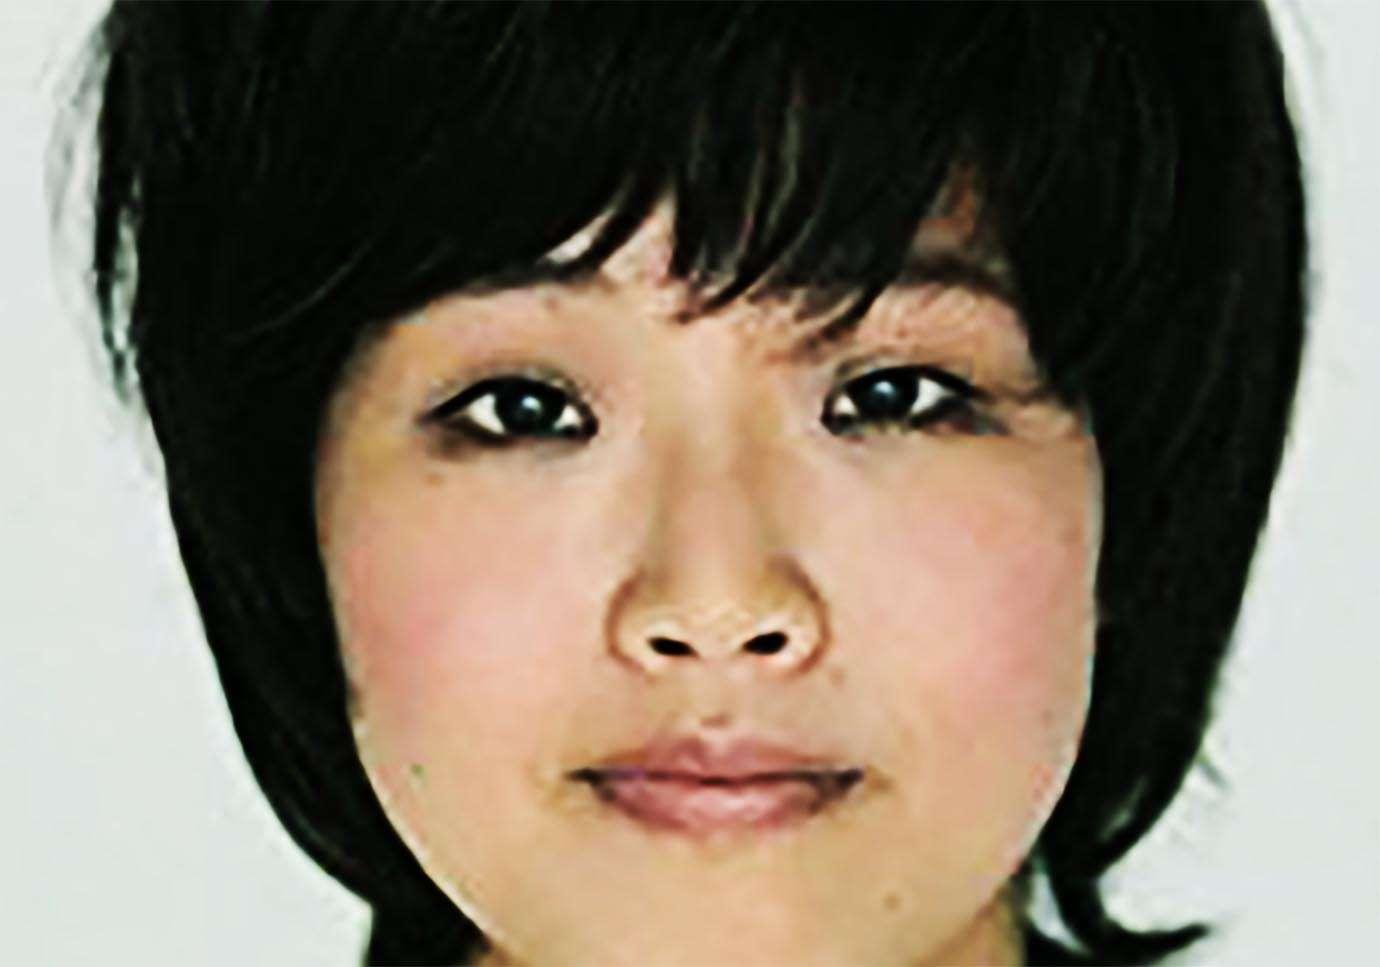 【オウム事件】三女の松本麗華さんが光文社「女性自身」に不快感 / 謝罪文を掲載しない場合は法的手段を検討 | バズプラスニュース Buzz+